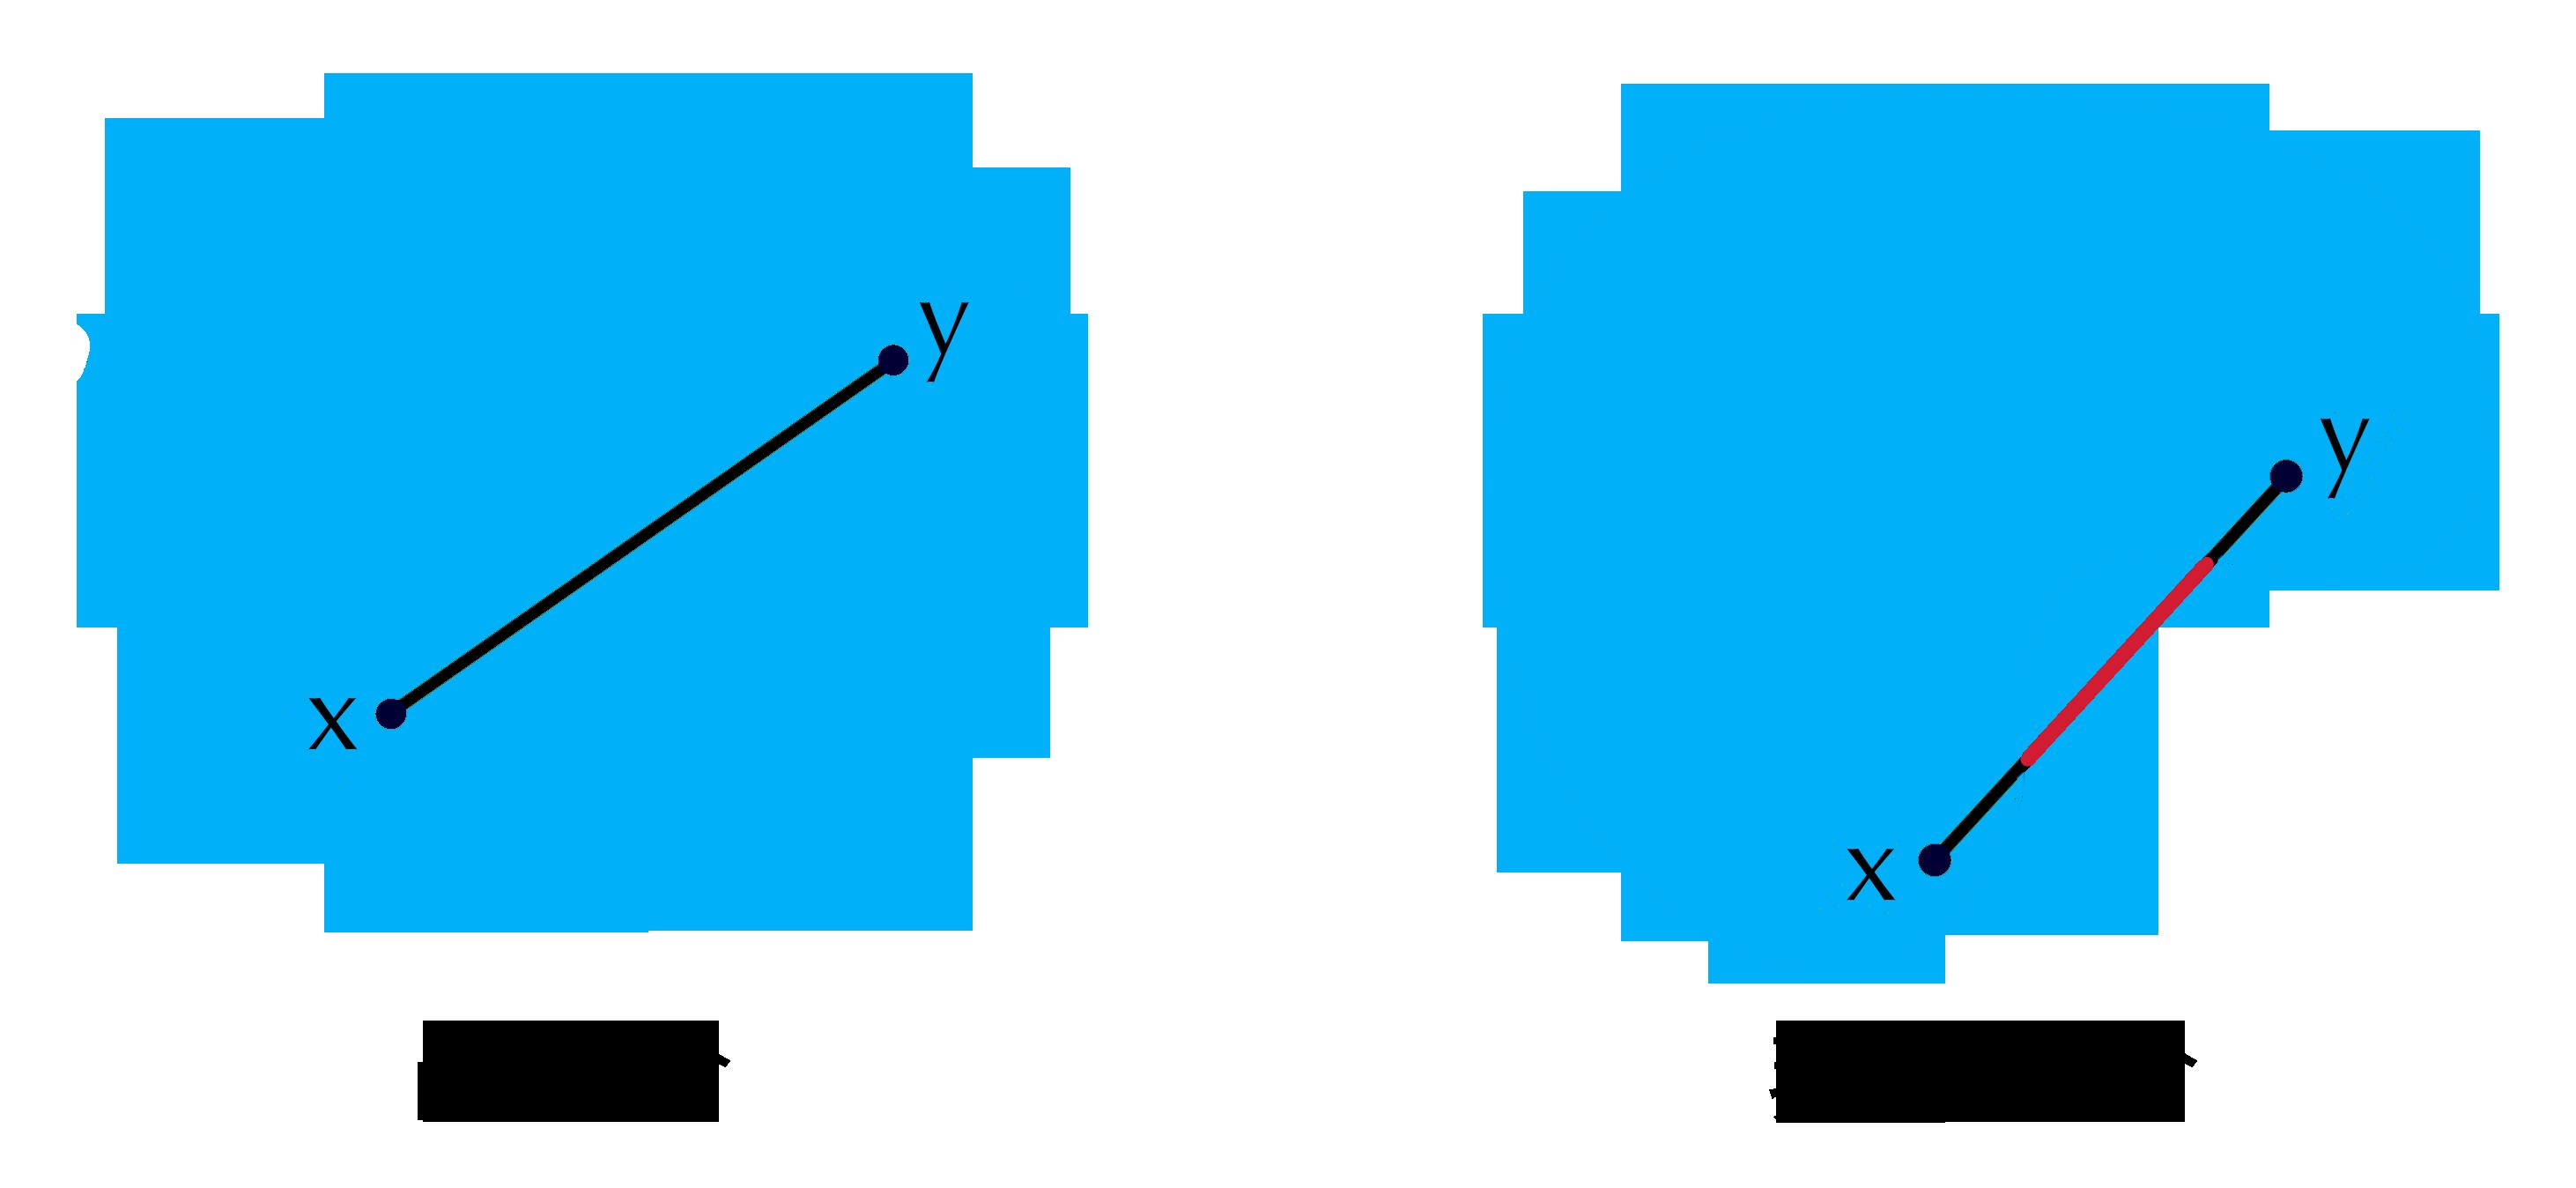 凸集合と非凸集合